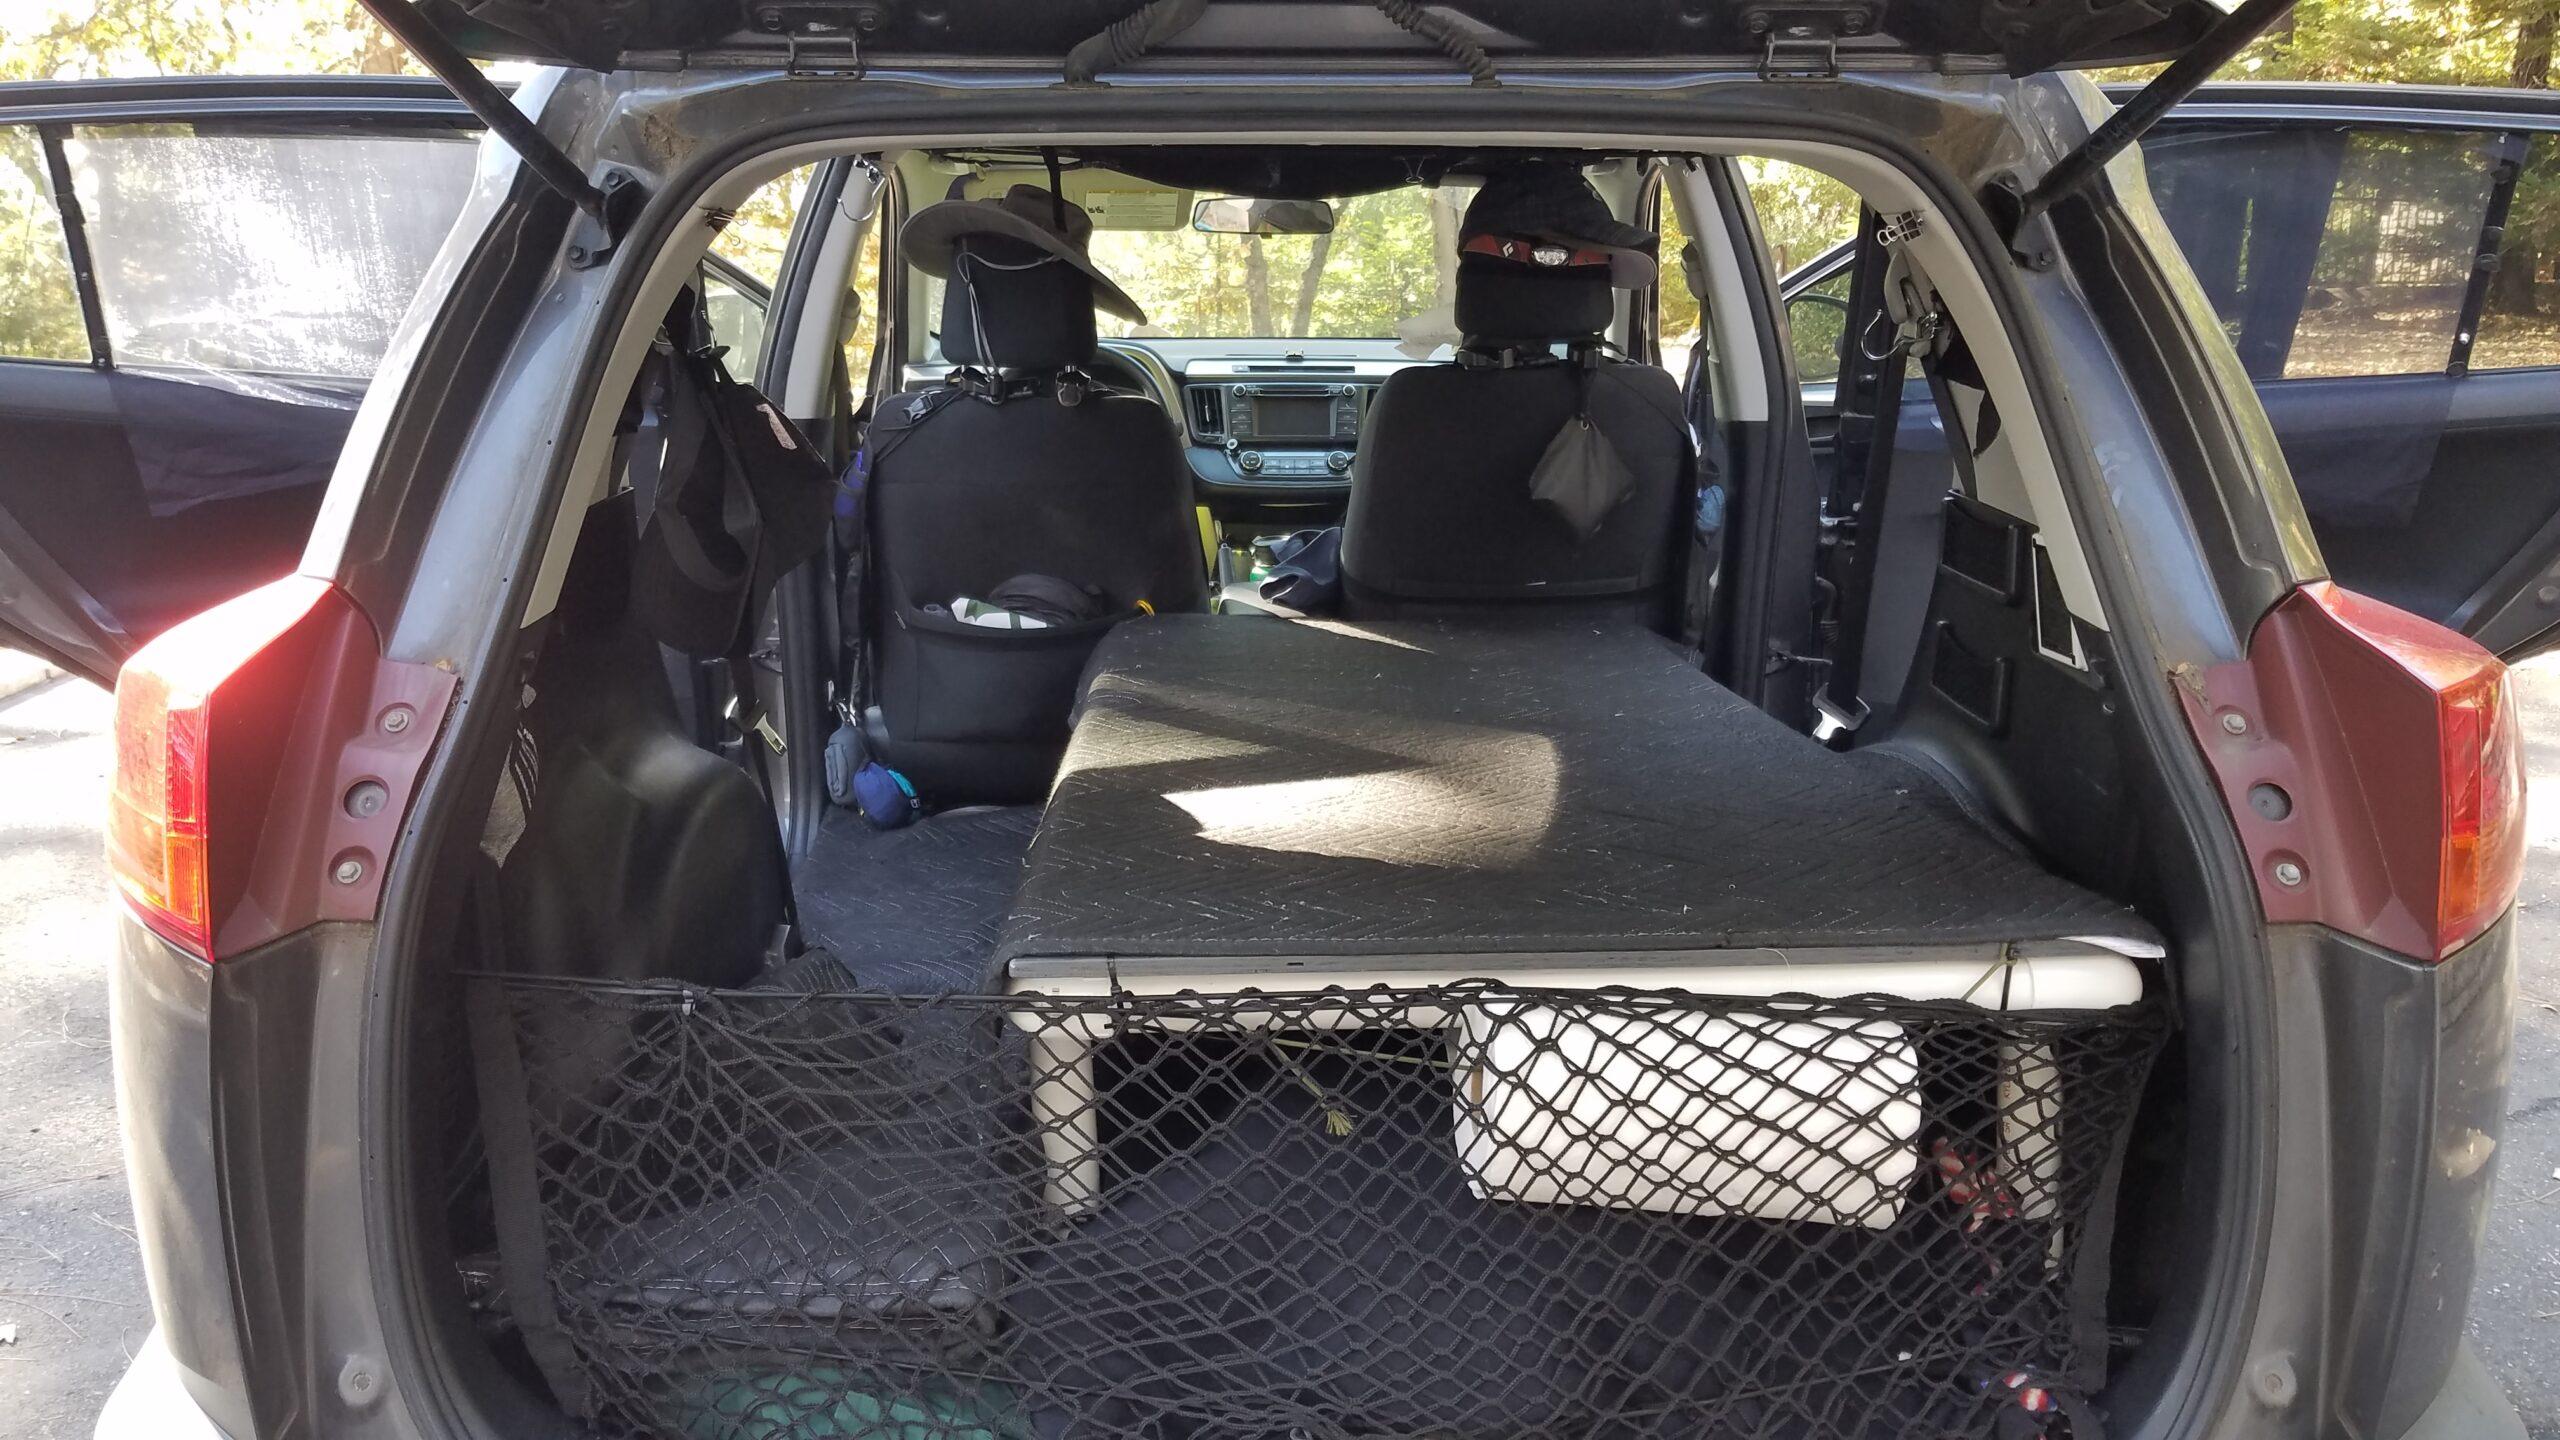 Rav4-inside-from-hatchback